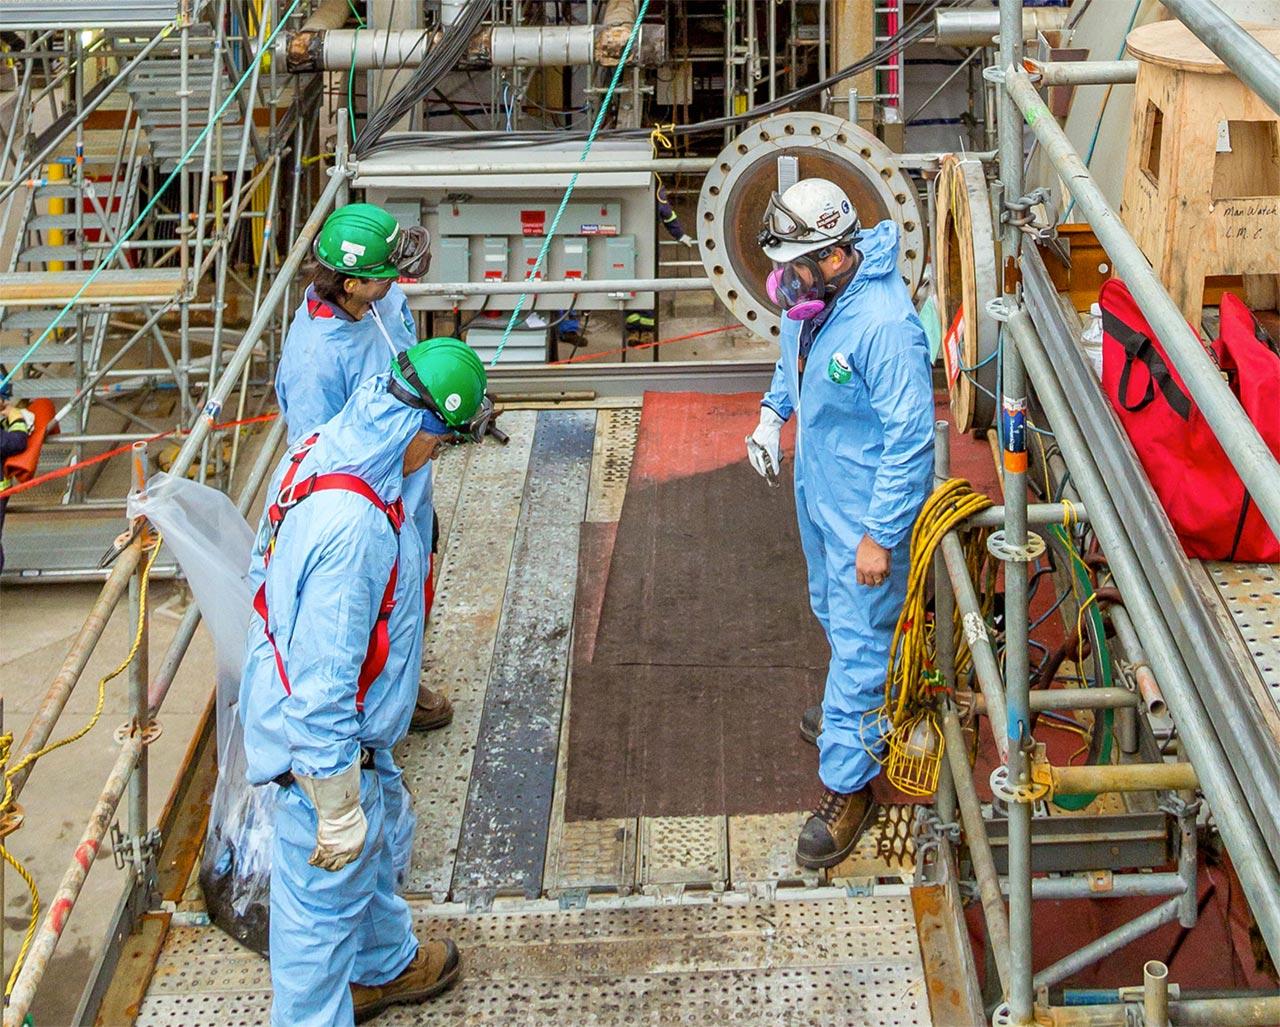 Trois travailleurs portant de l'équipement de sécurité